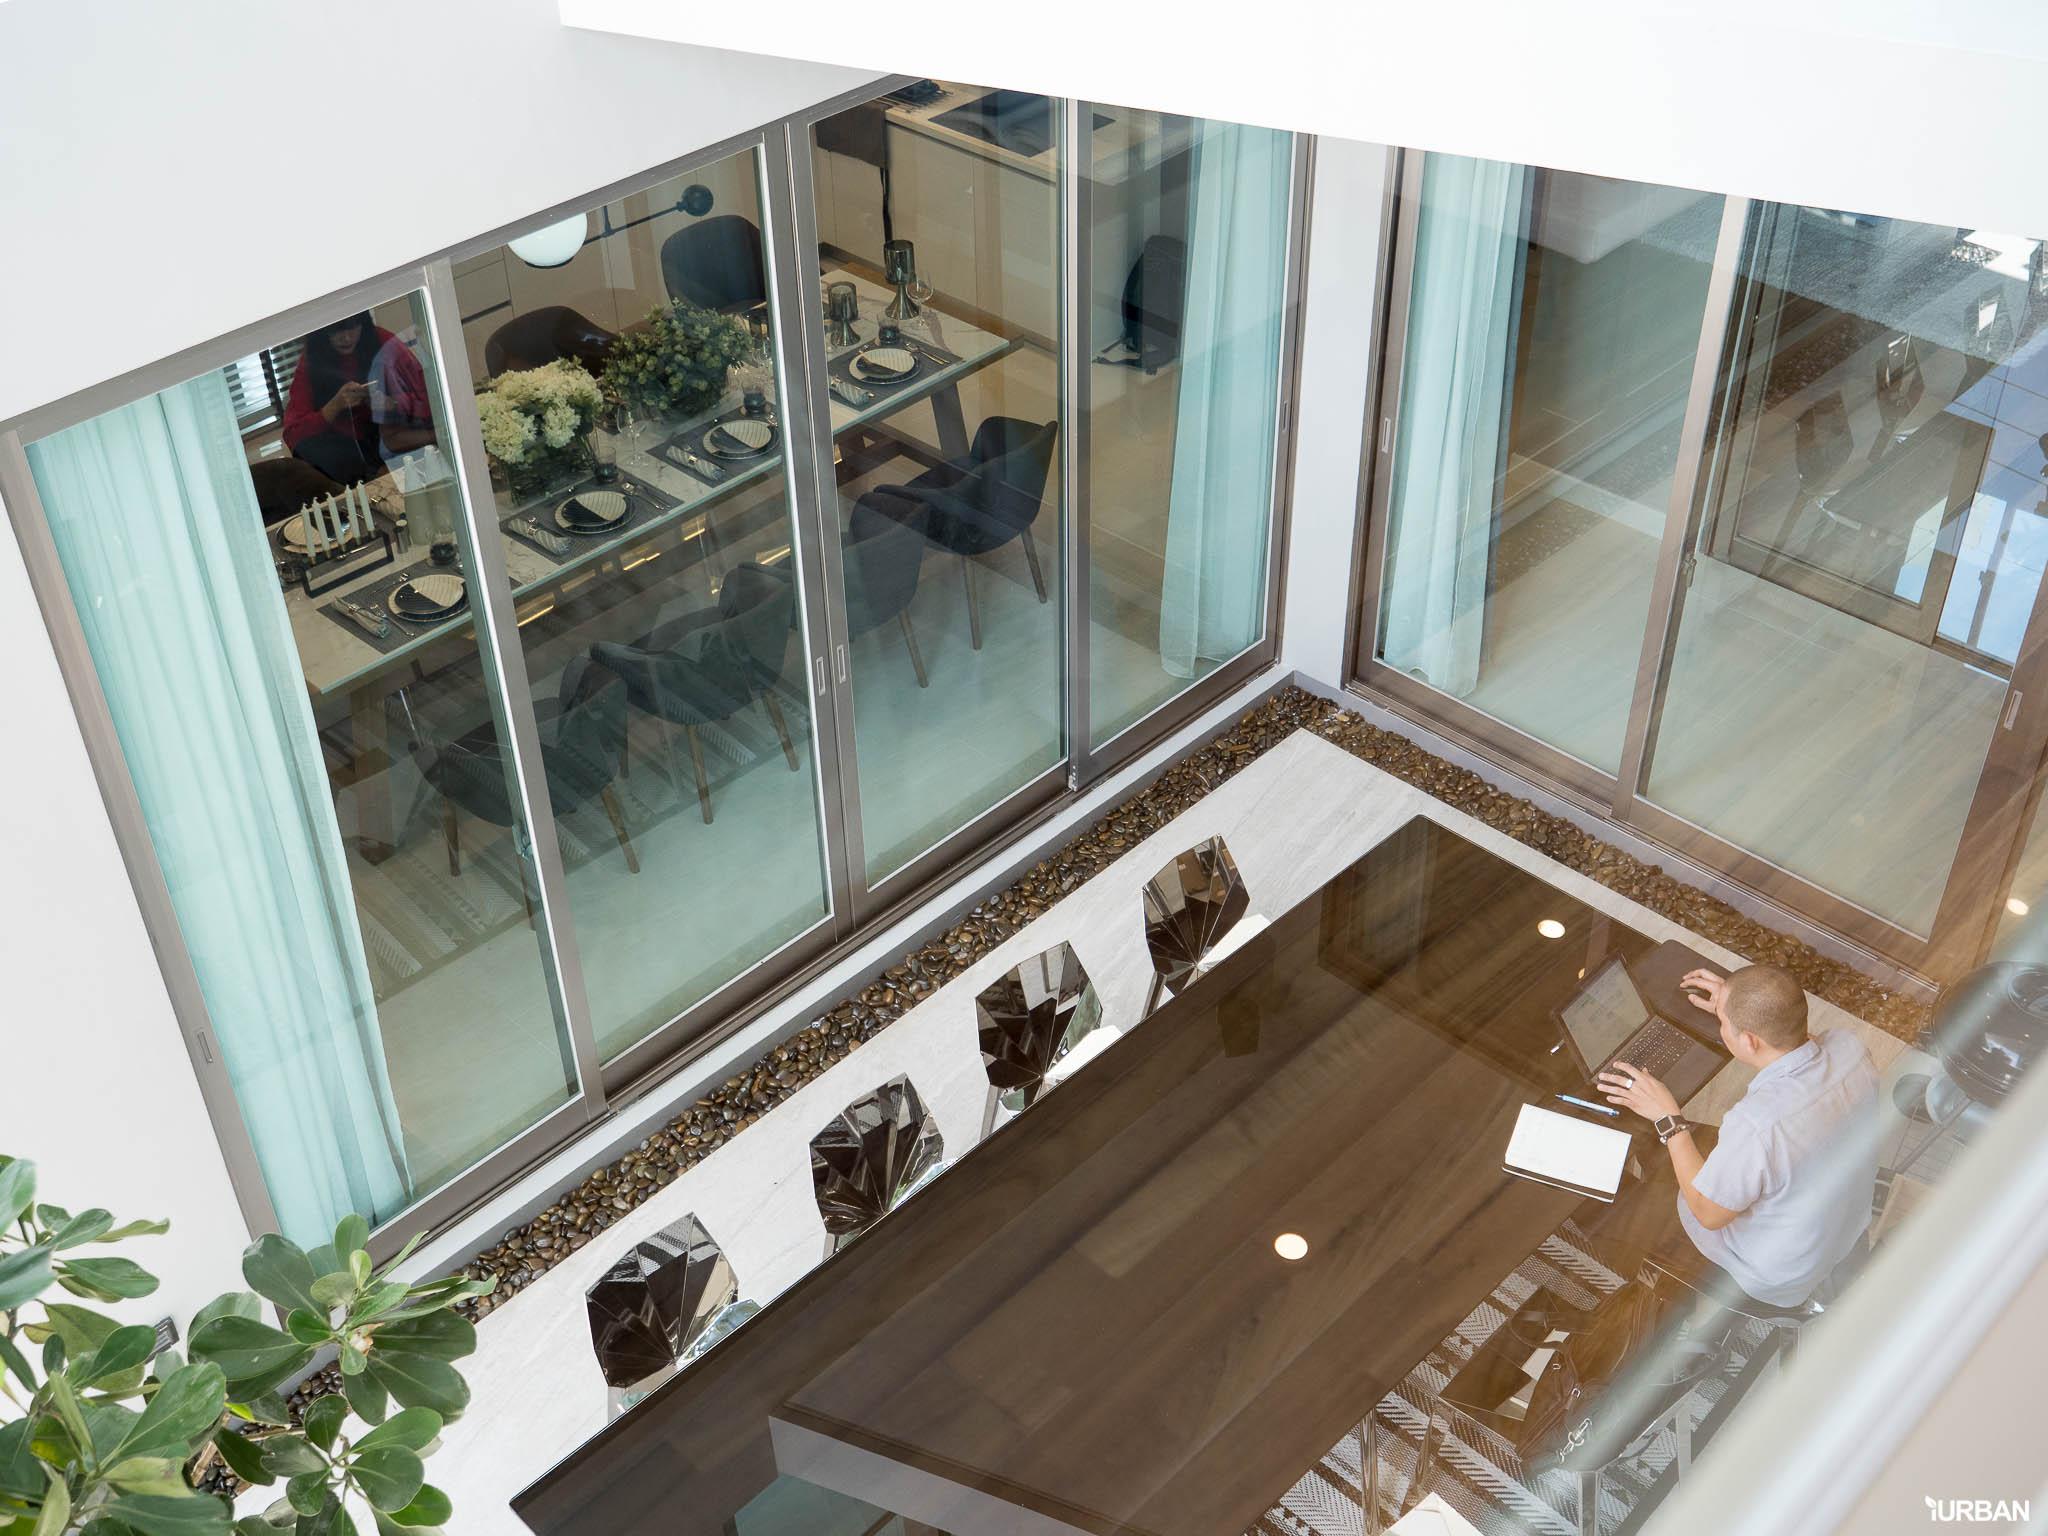 รีวิว Nirvana BEYOND Udonthani บ้านเดี่ยว 3 ชั้น ดีไซน์บิดสุดโมเดิร์น บนที่ดินสุดท้ายหน้าหนองประจักษ์ 71 - Luxury